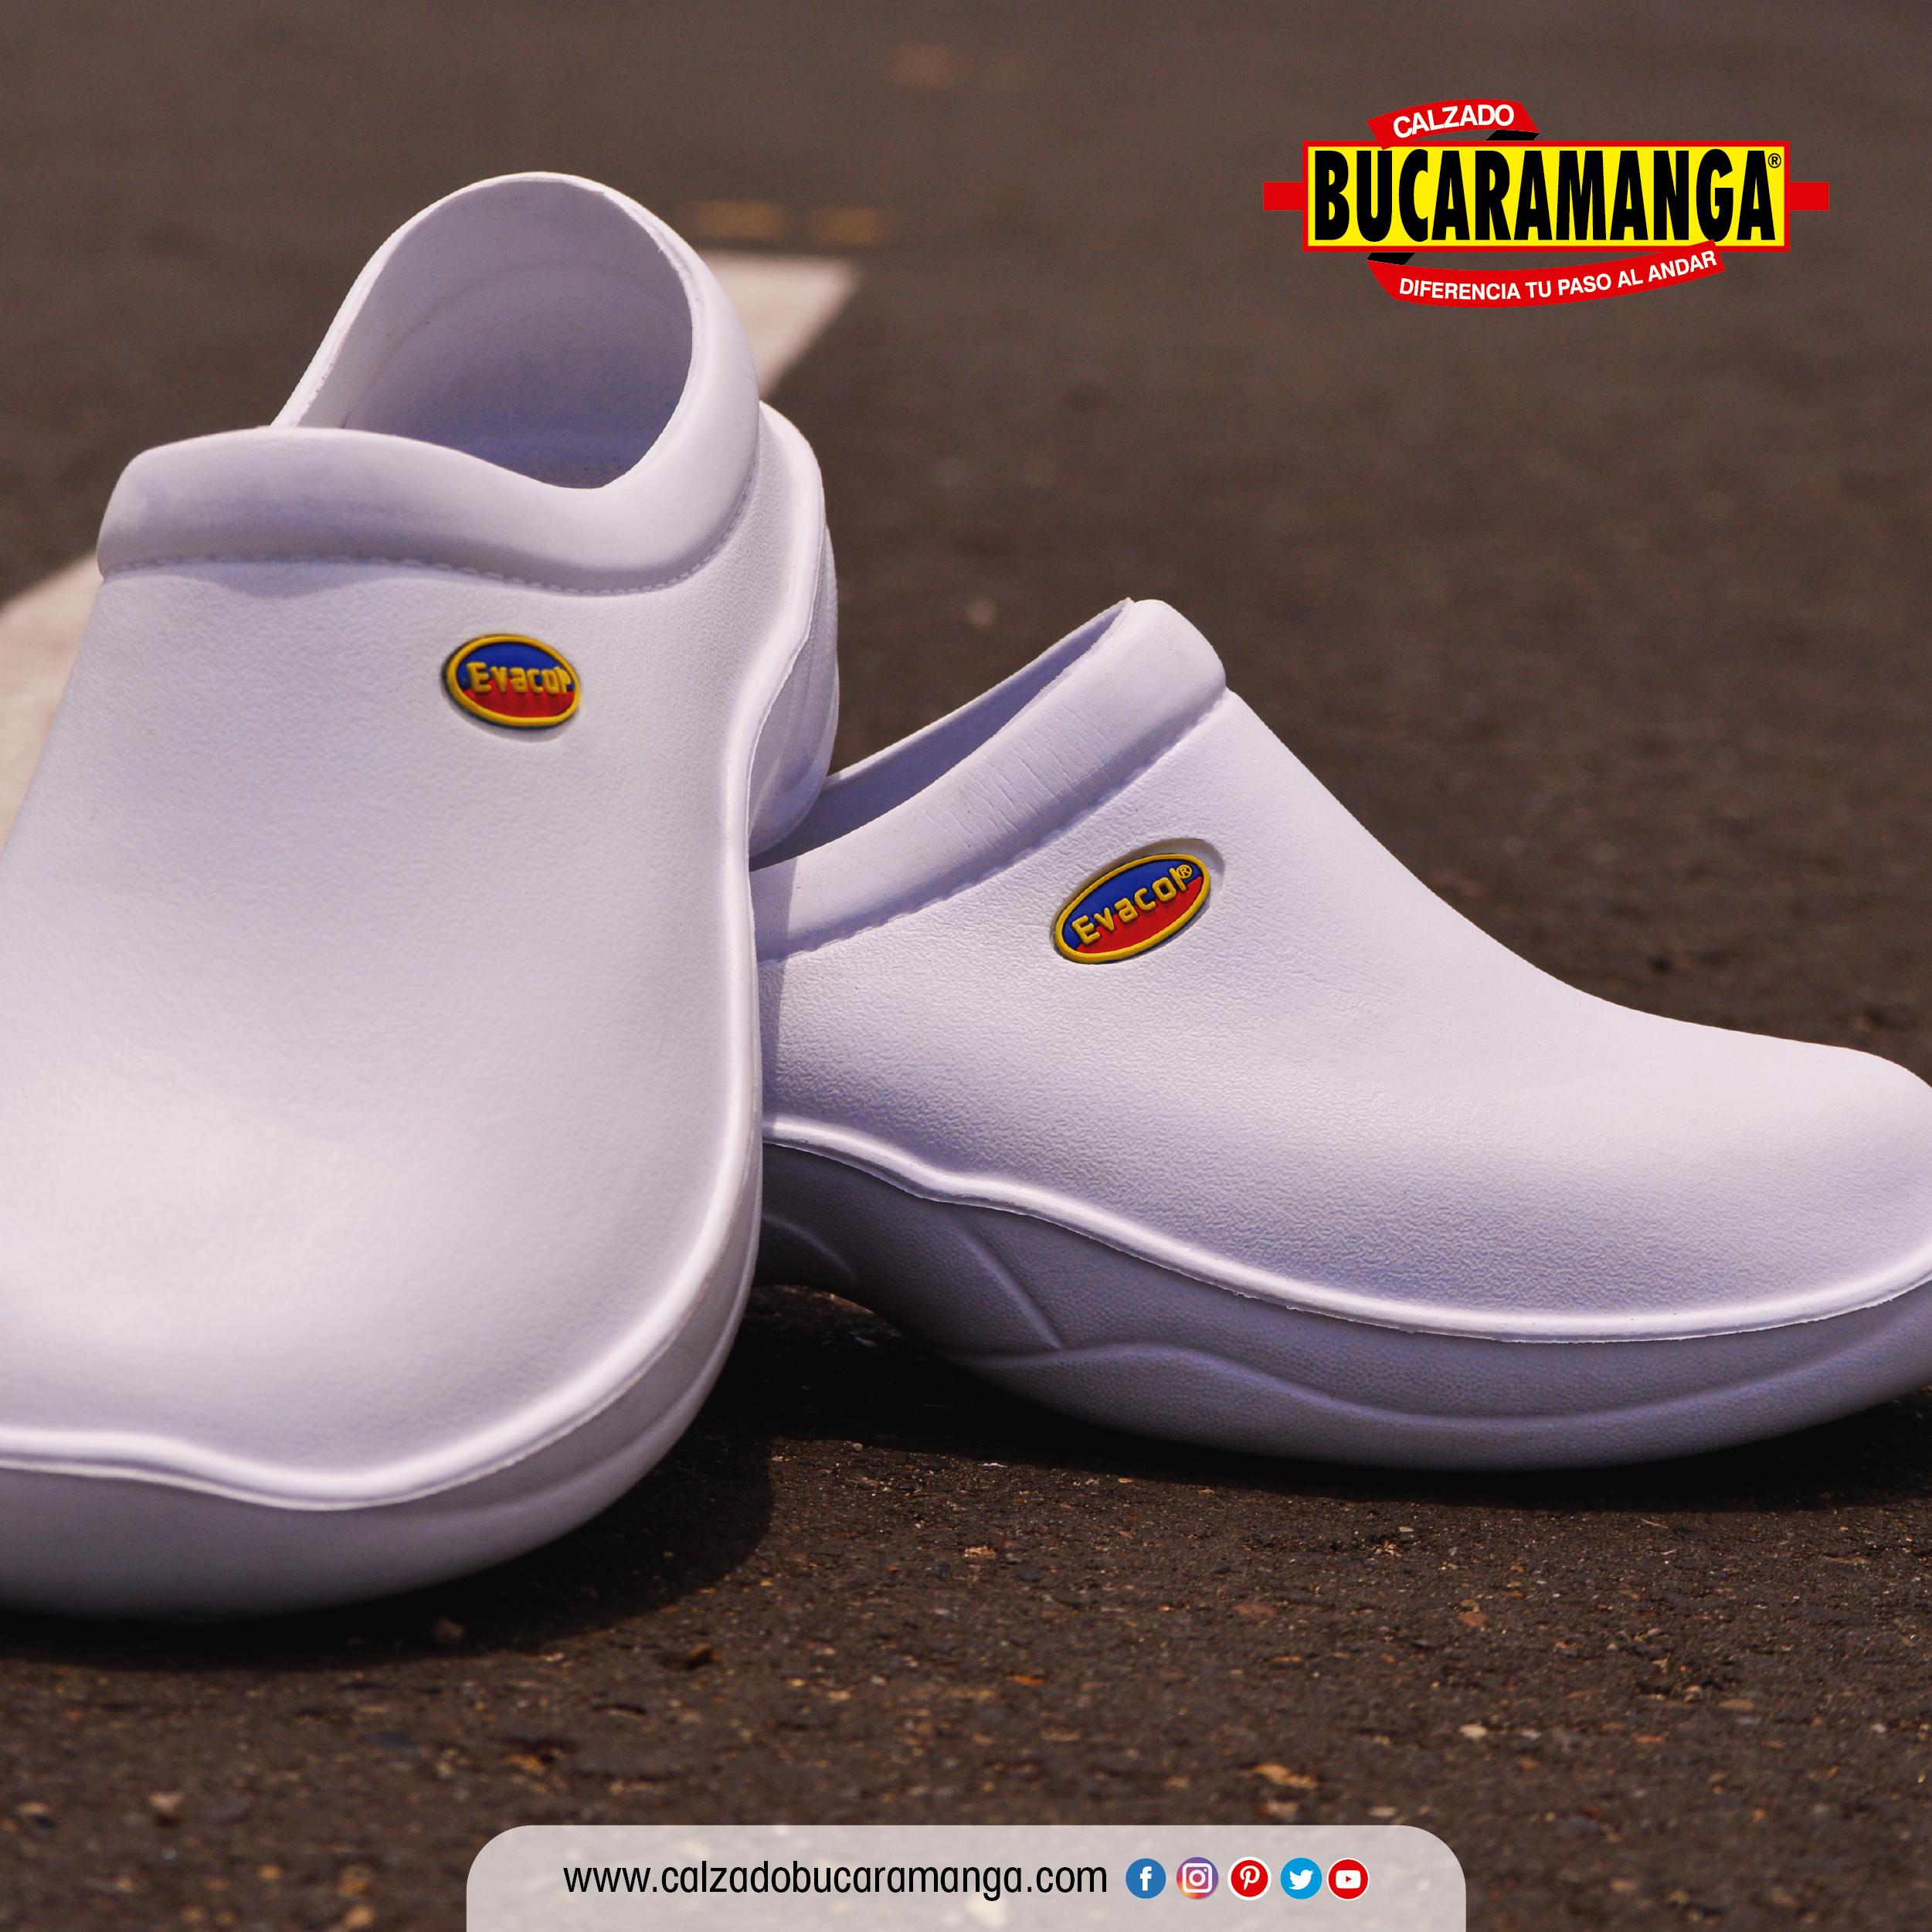 28404e9fb0e Los mejores calzados para dotación de caballero los consigues en Calzado  Bucaramanga. Vendemos al por